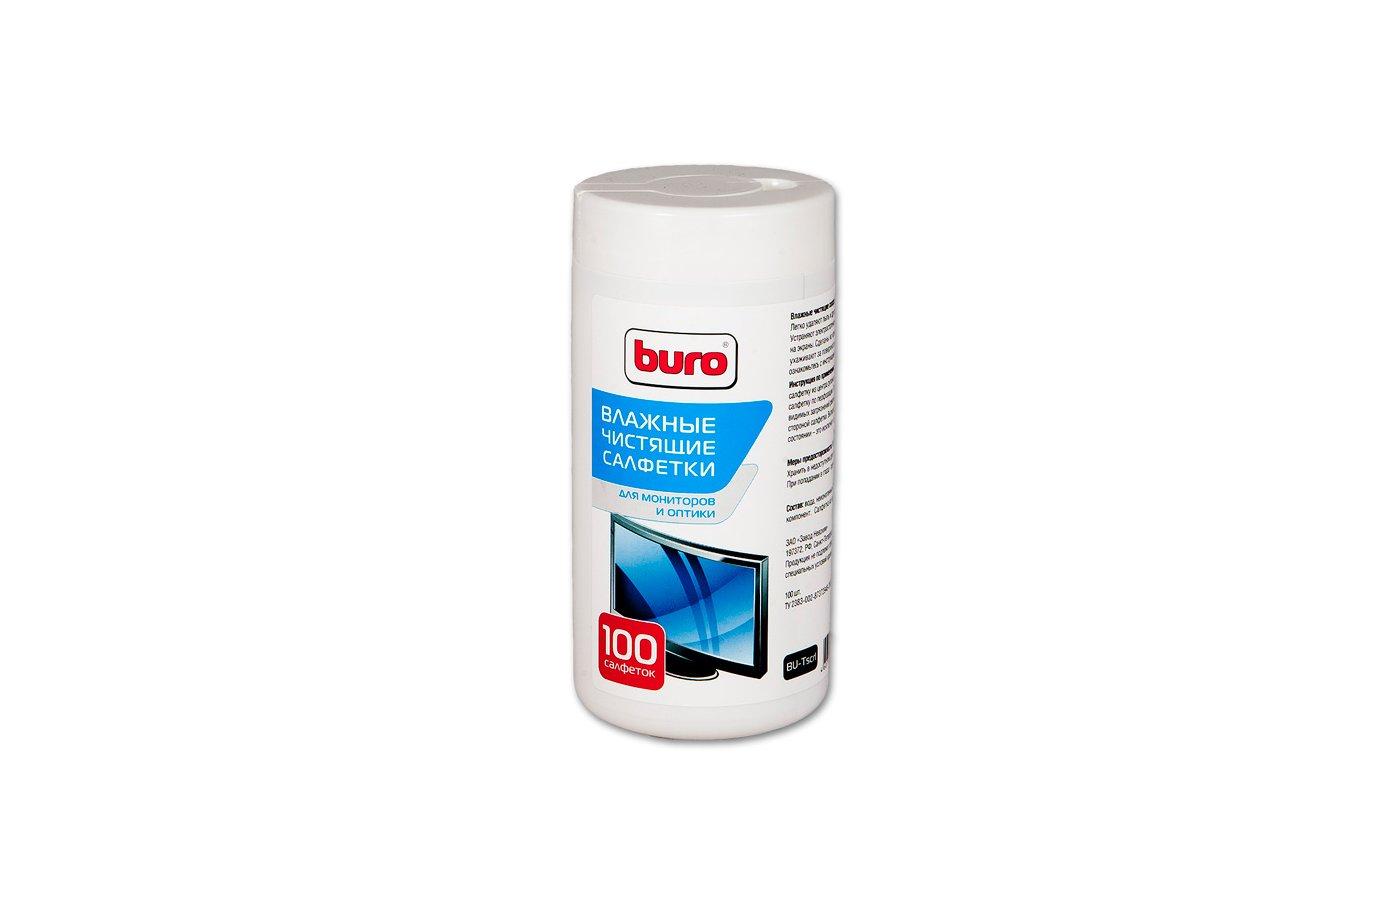 Чистящее средство BURO BU-Tscrl туба с чистящ.салф. для LCD TFT-мон. 100 ш